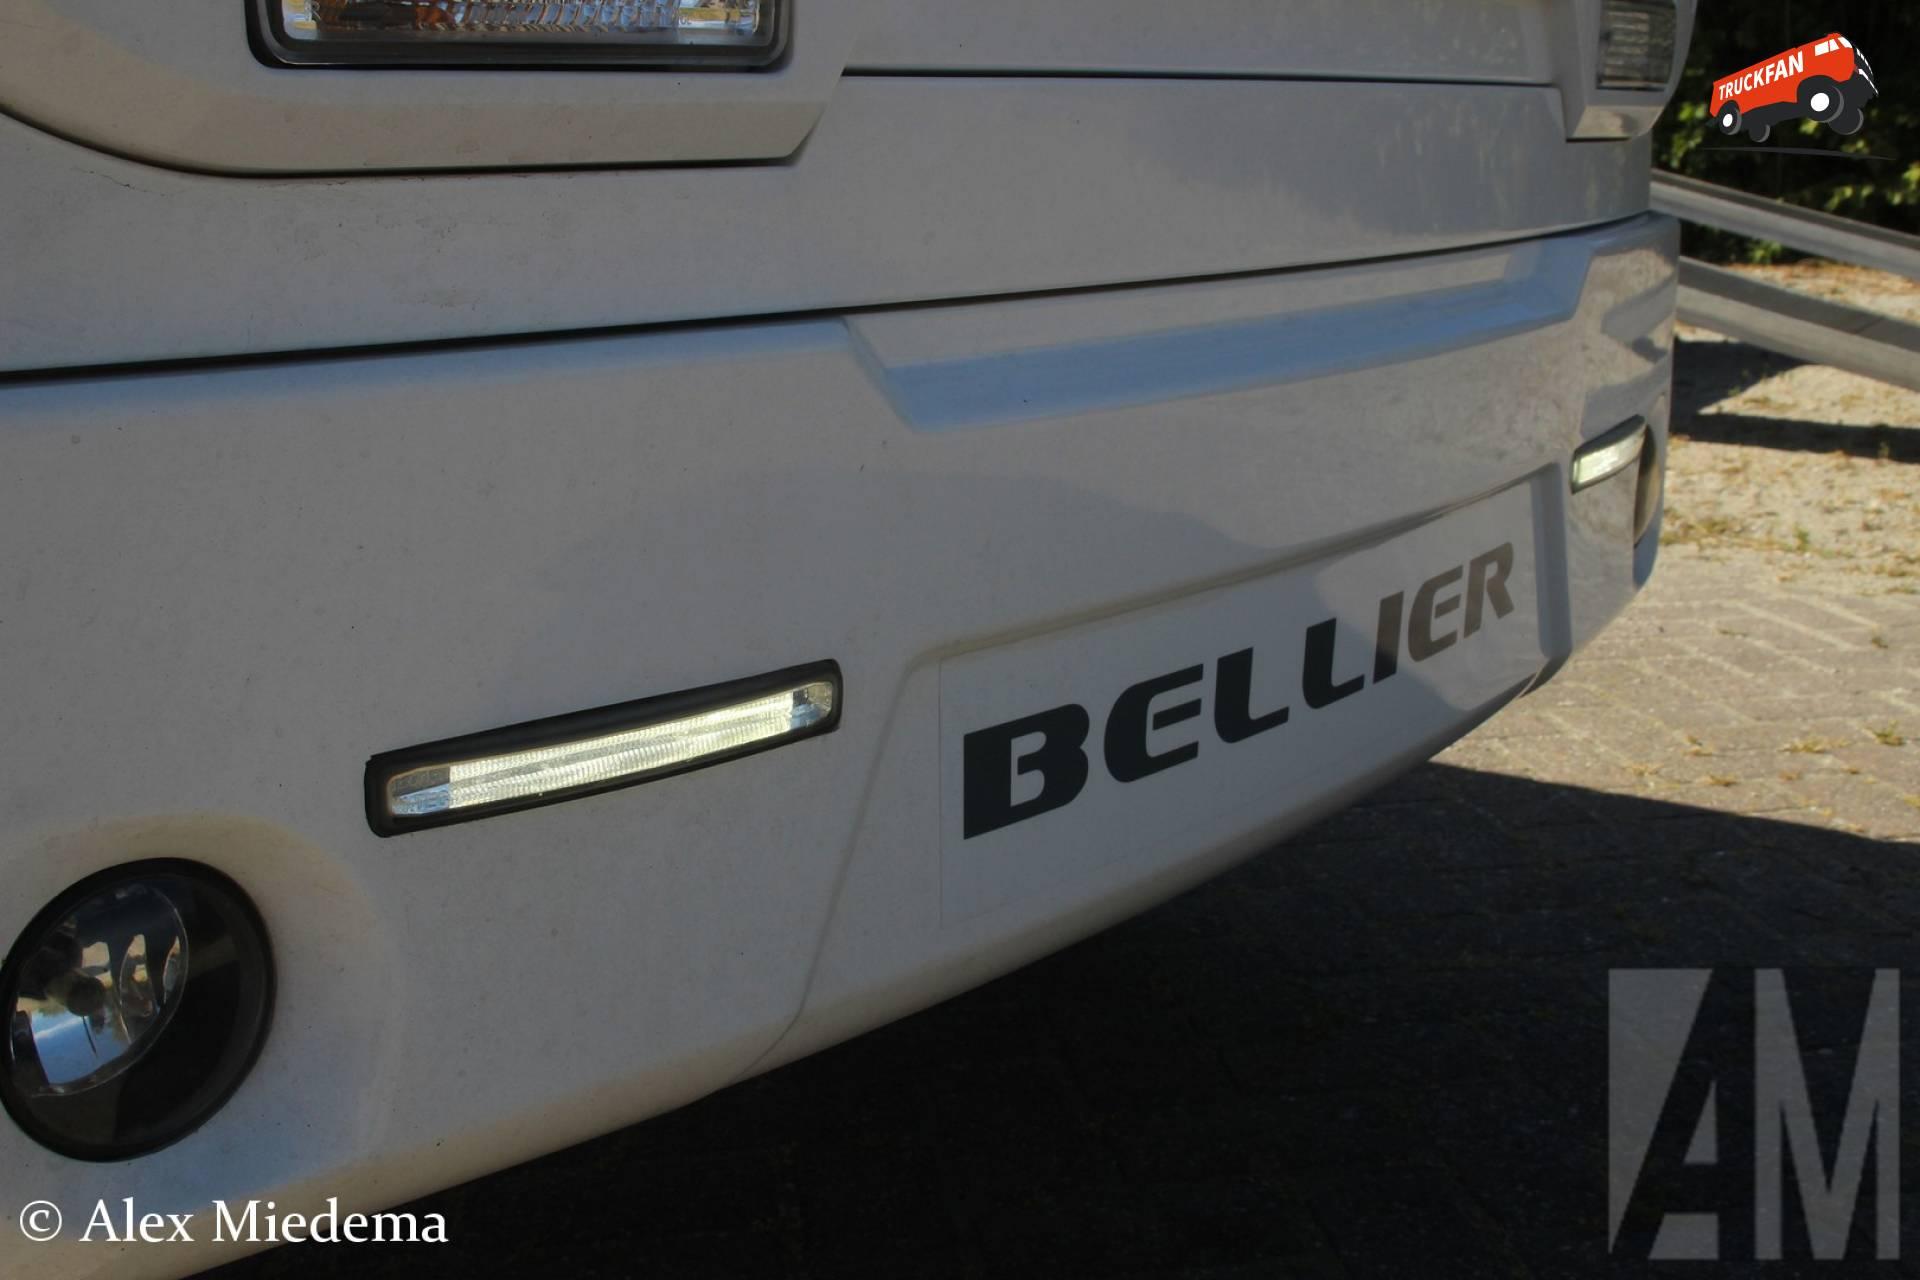 Bellier Docker